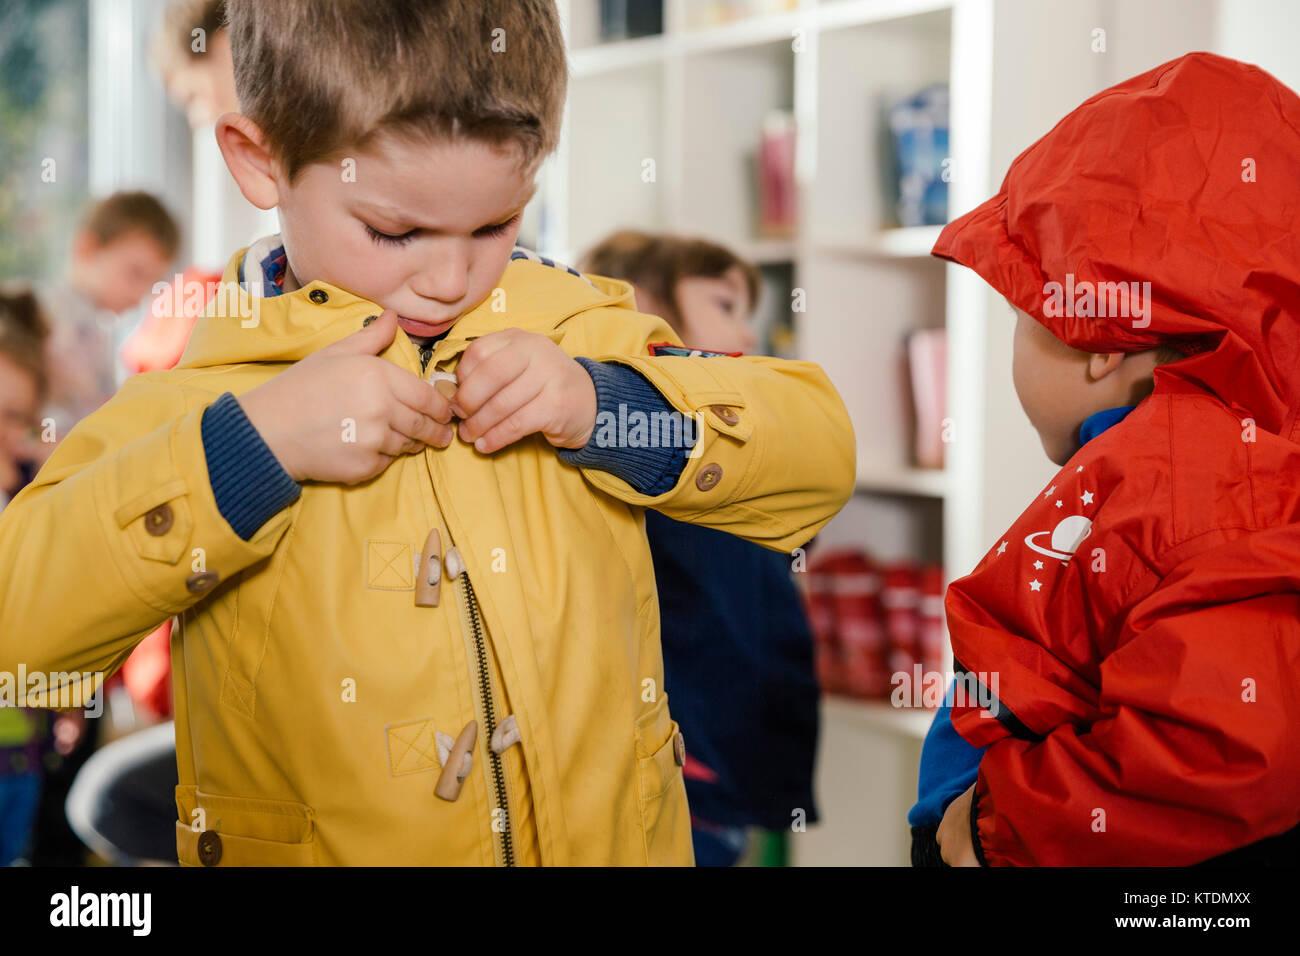 Auf Kindergarten Im Seinen Junge Regenmantel Setzen vON0wynm8